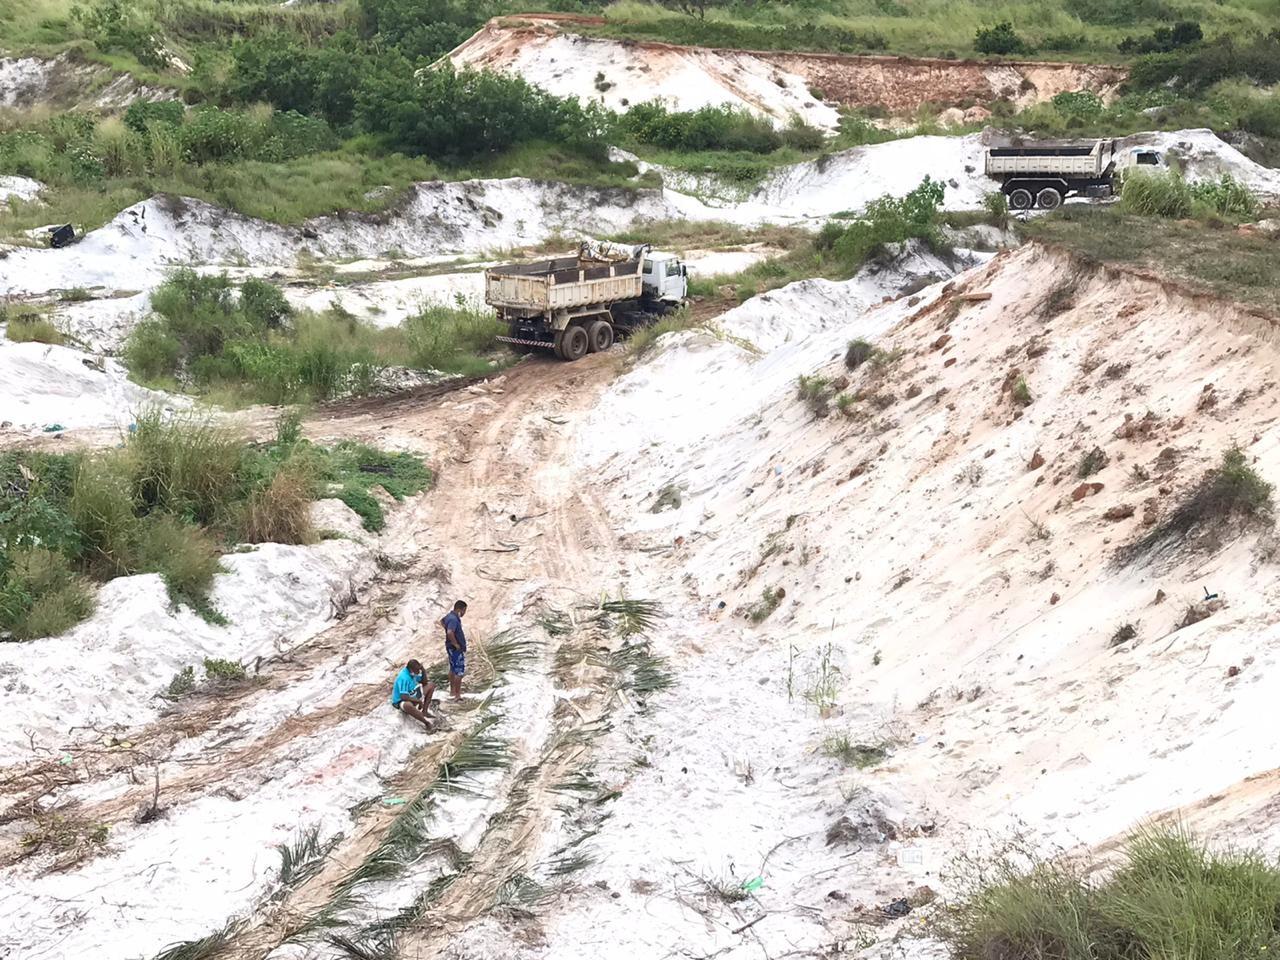 Grupo é preso após ser flagrado praticando extração ilegal de minério no Parque das Dunas, em Camaçari